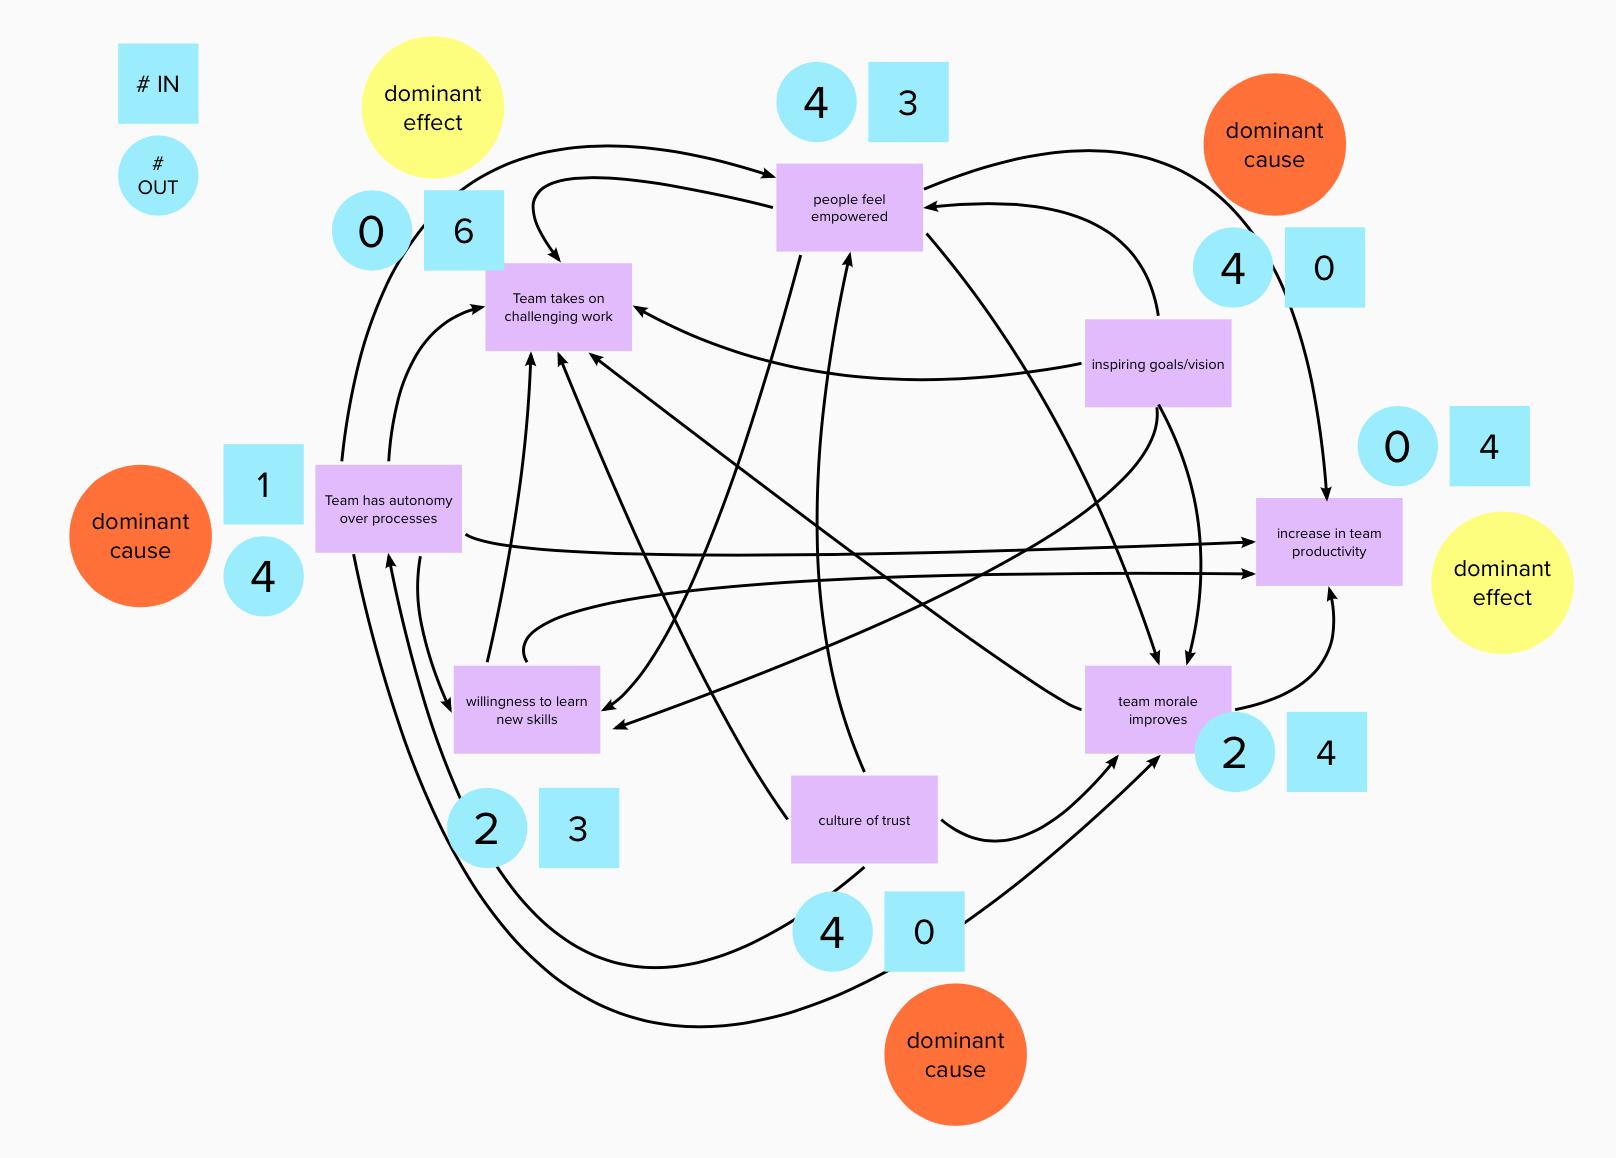 dominant factors